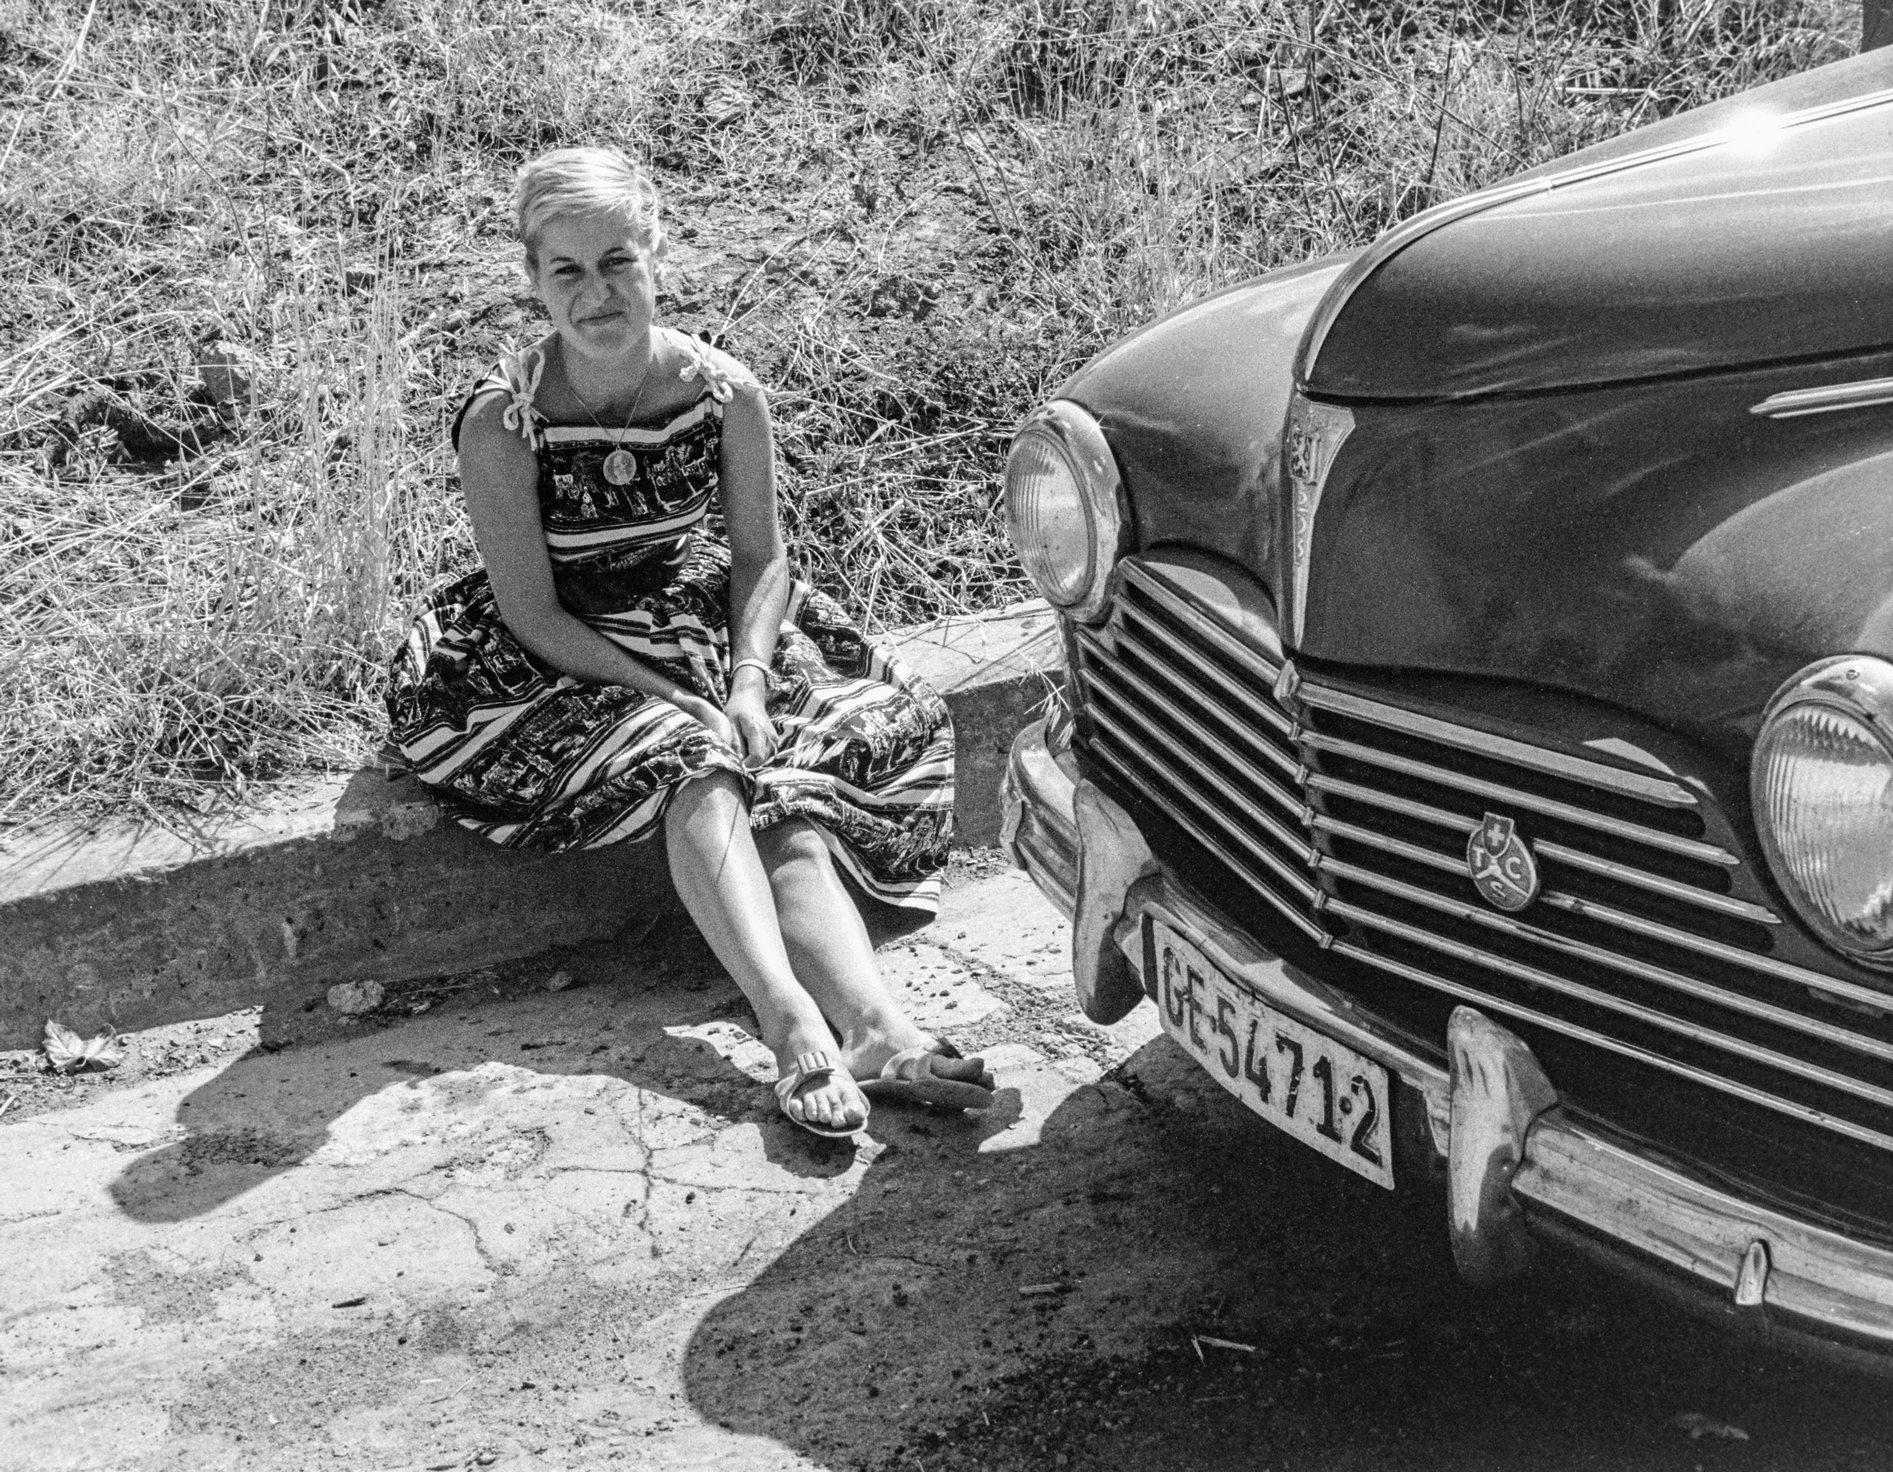 Ma mère devant la Peugeot 203